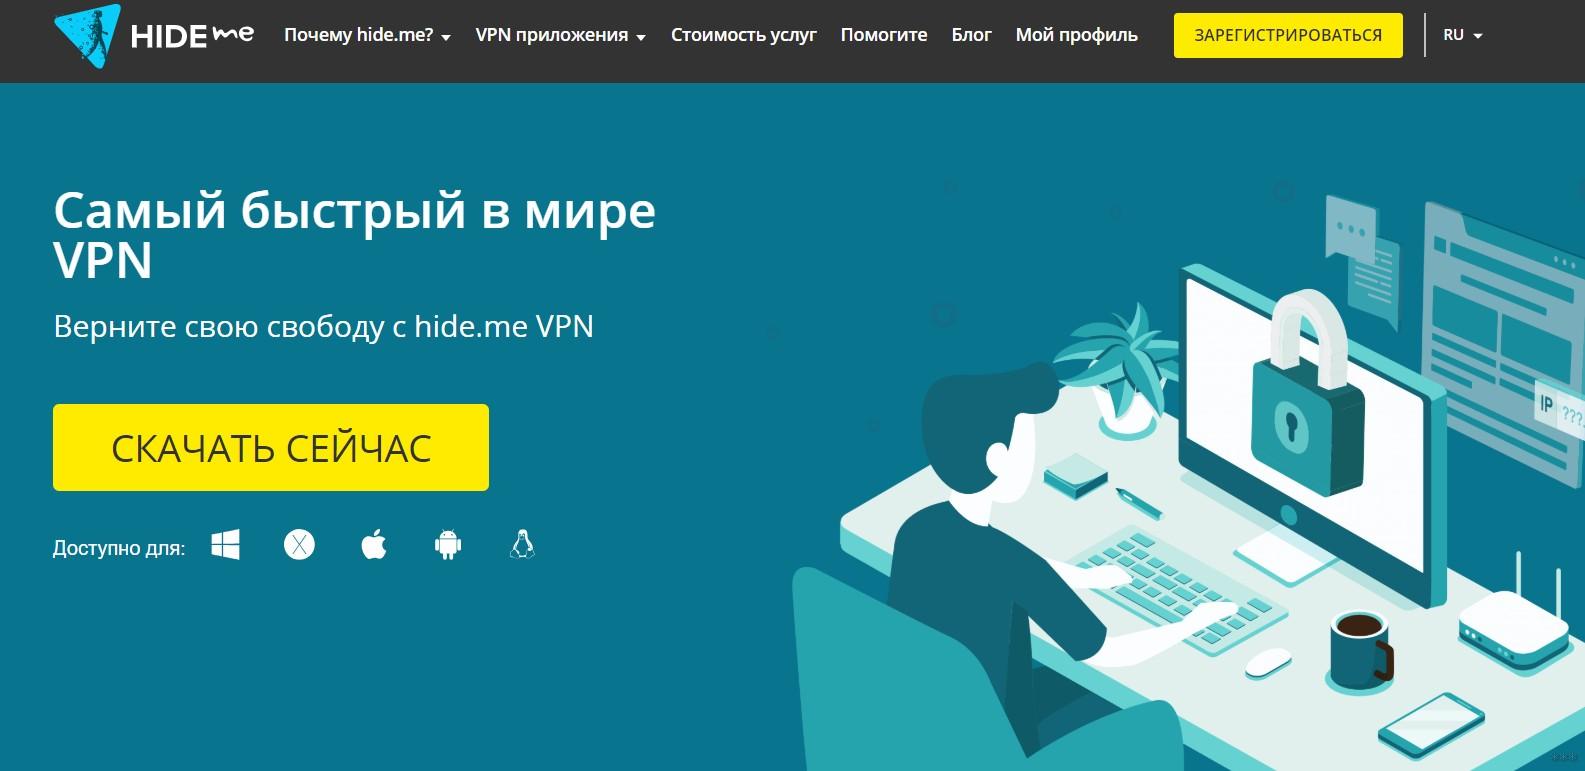 Подборка лучших бесплатных VPN сервисов этого года от WiFiGid